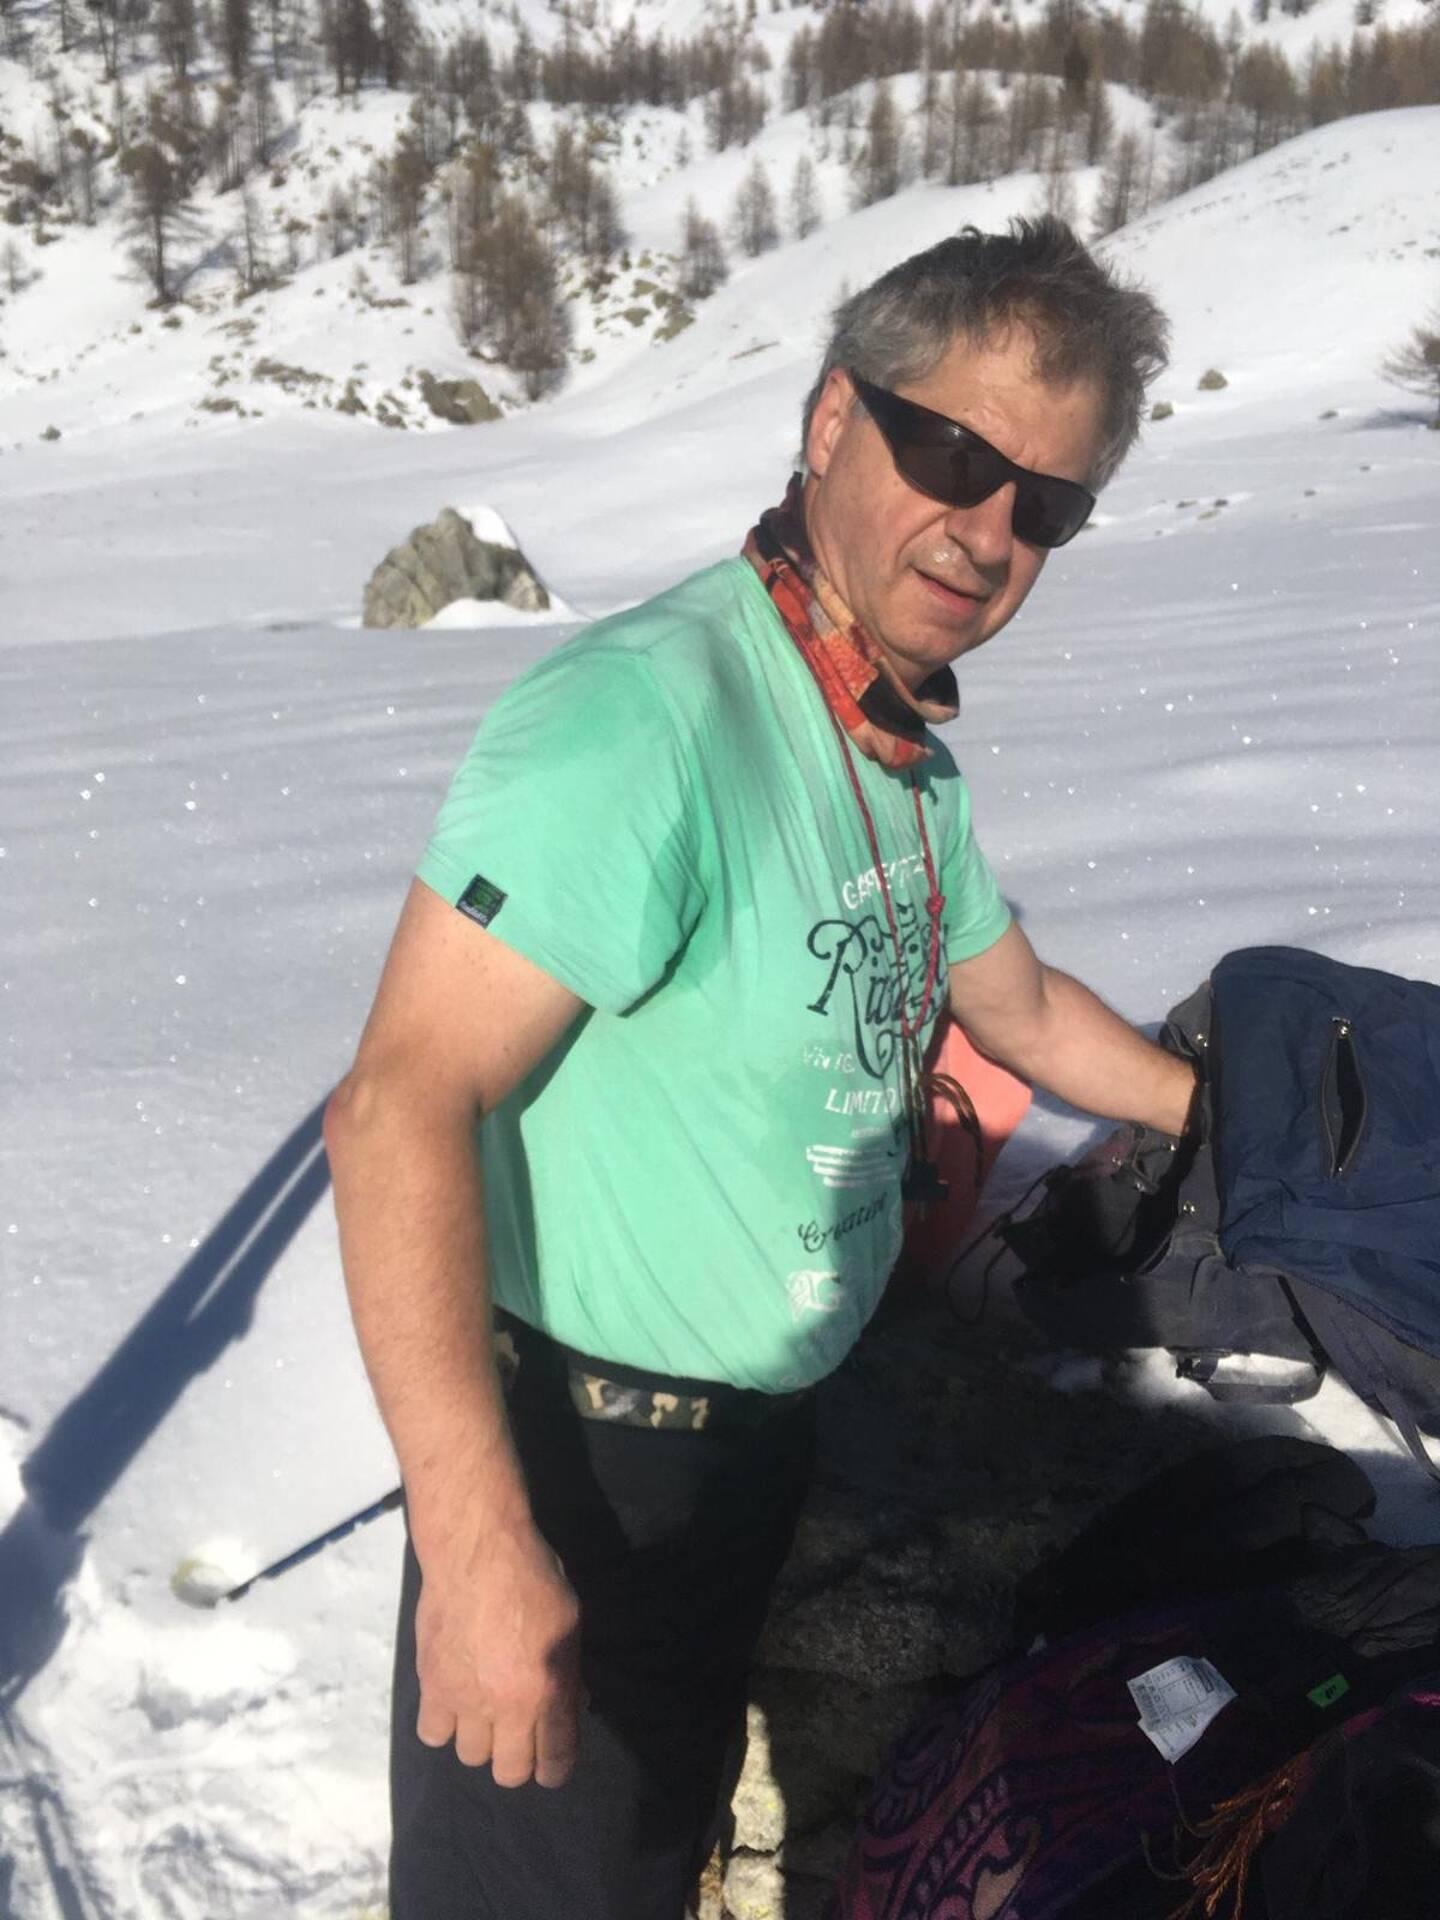 Ancien chasseur alpin à Briançon, André Boulanger connaît la montagne, sa beauté et ses dangers.